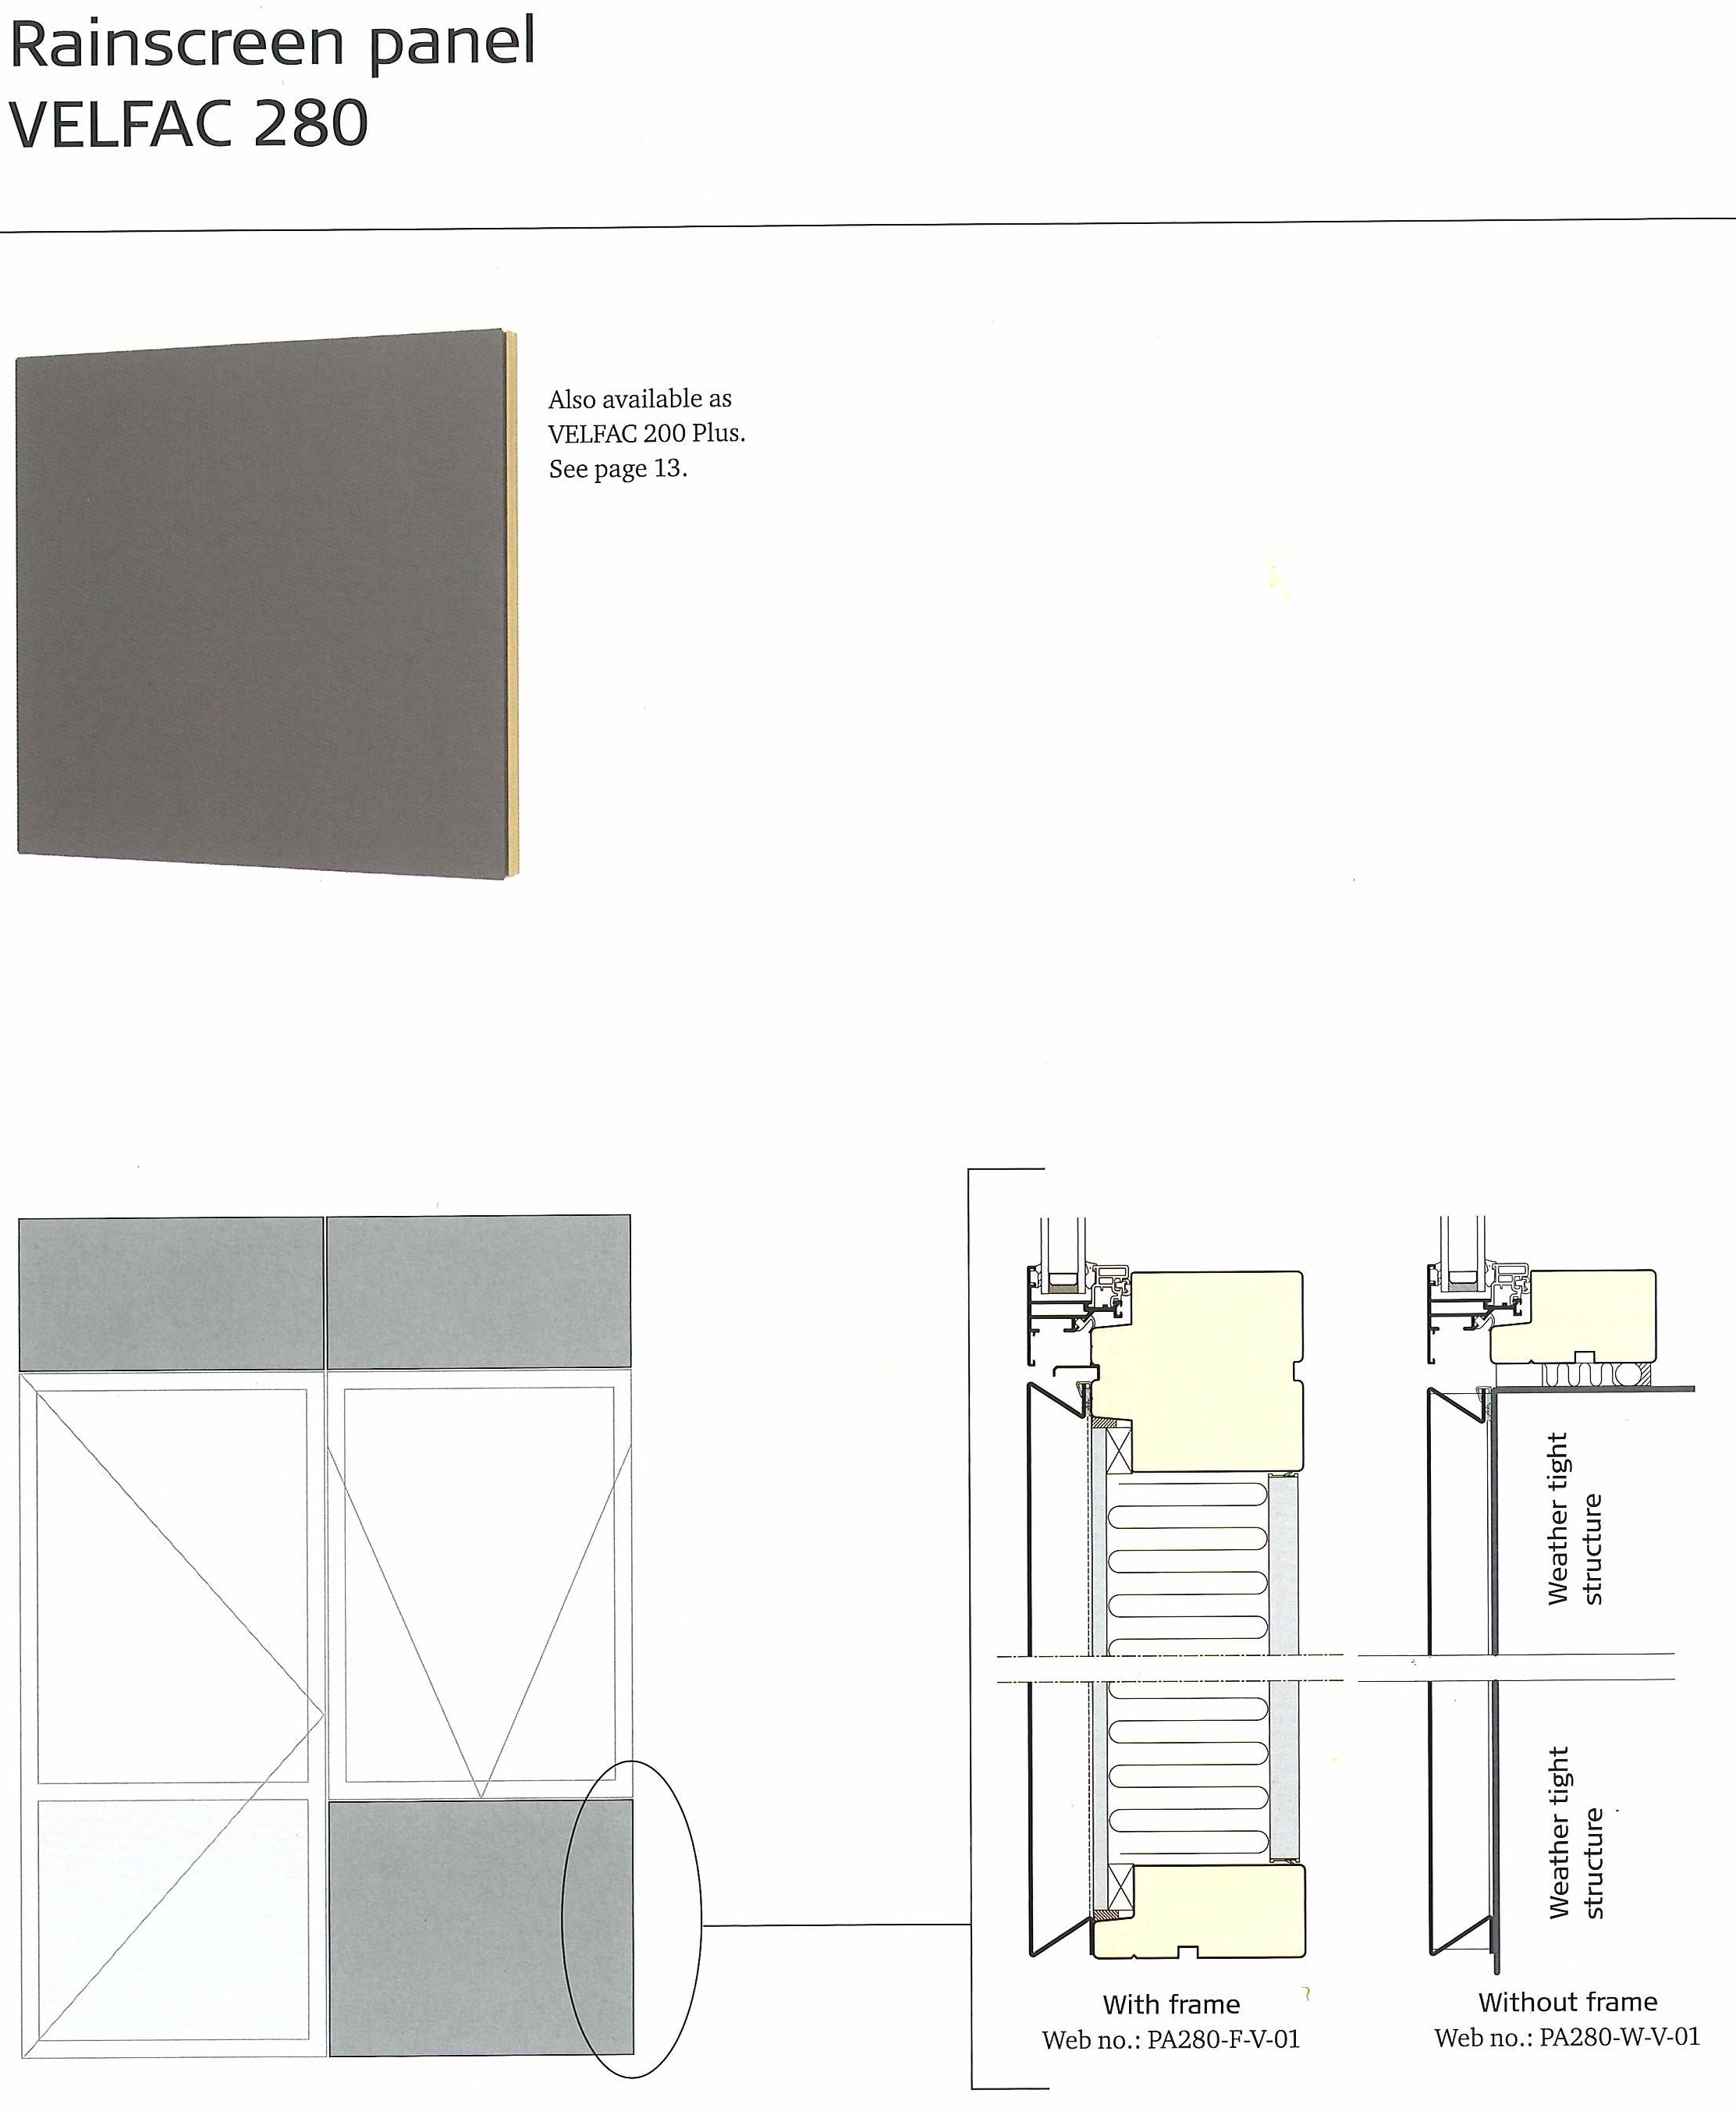 frameless-panel.jpg.d484b4ed1e55e4cdacb5d3fd1c875644.jpg